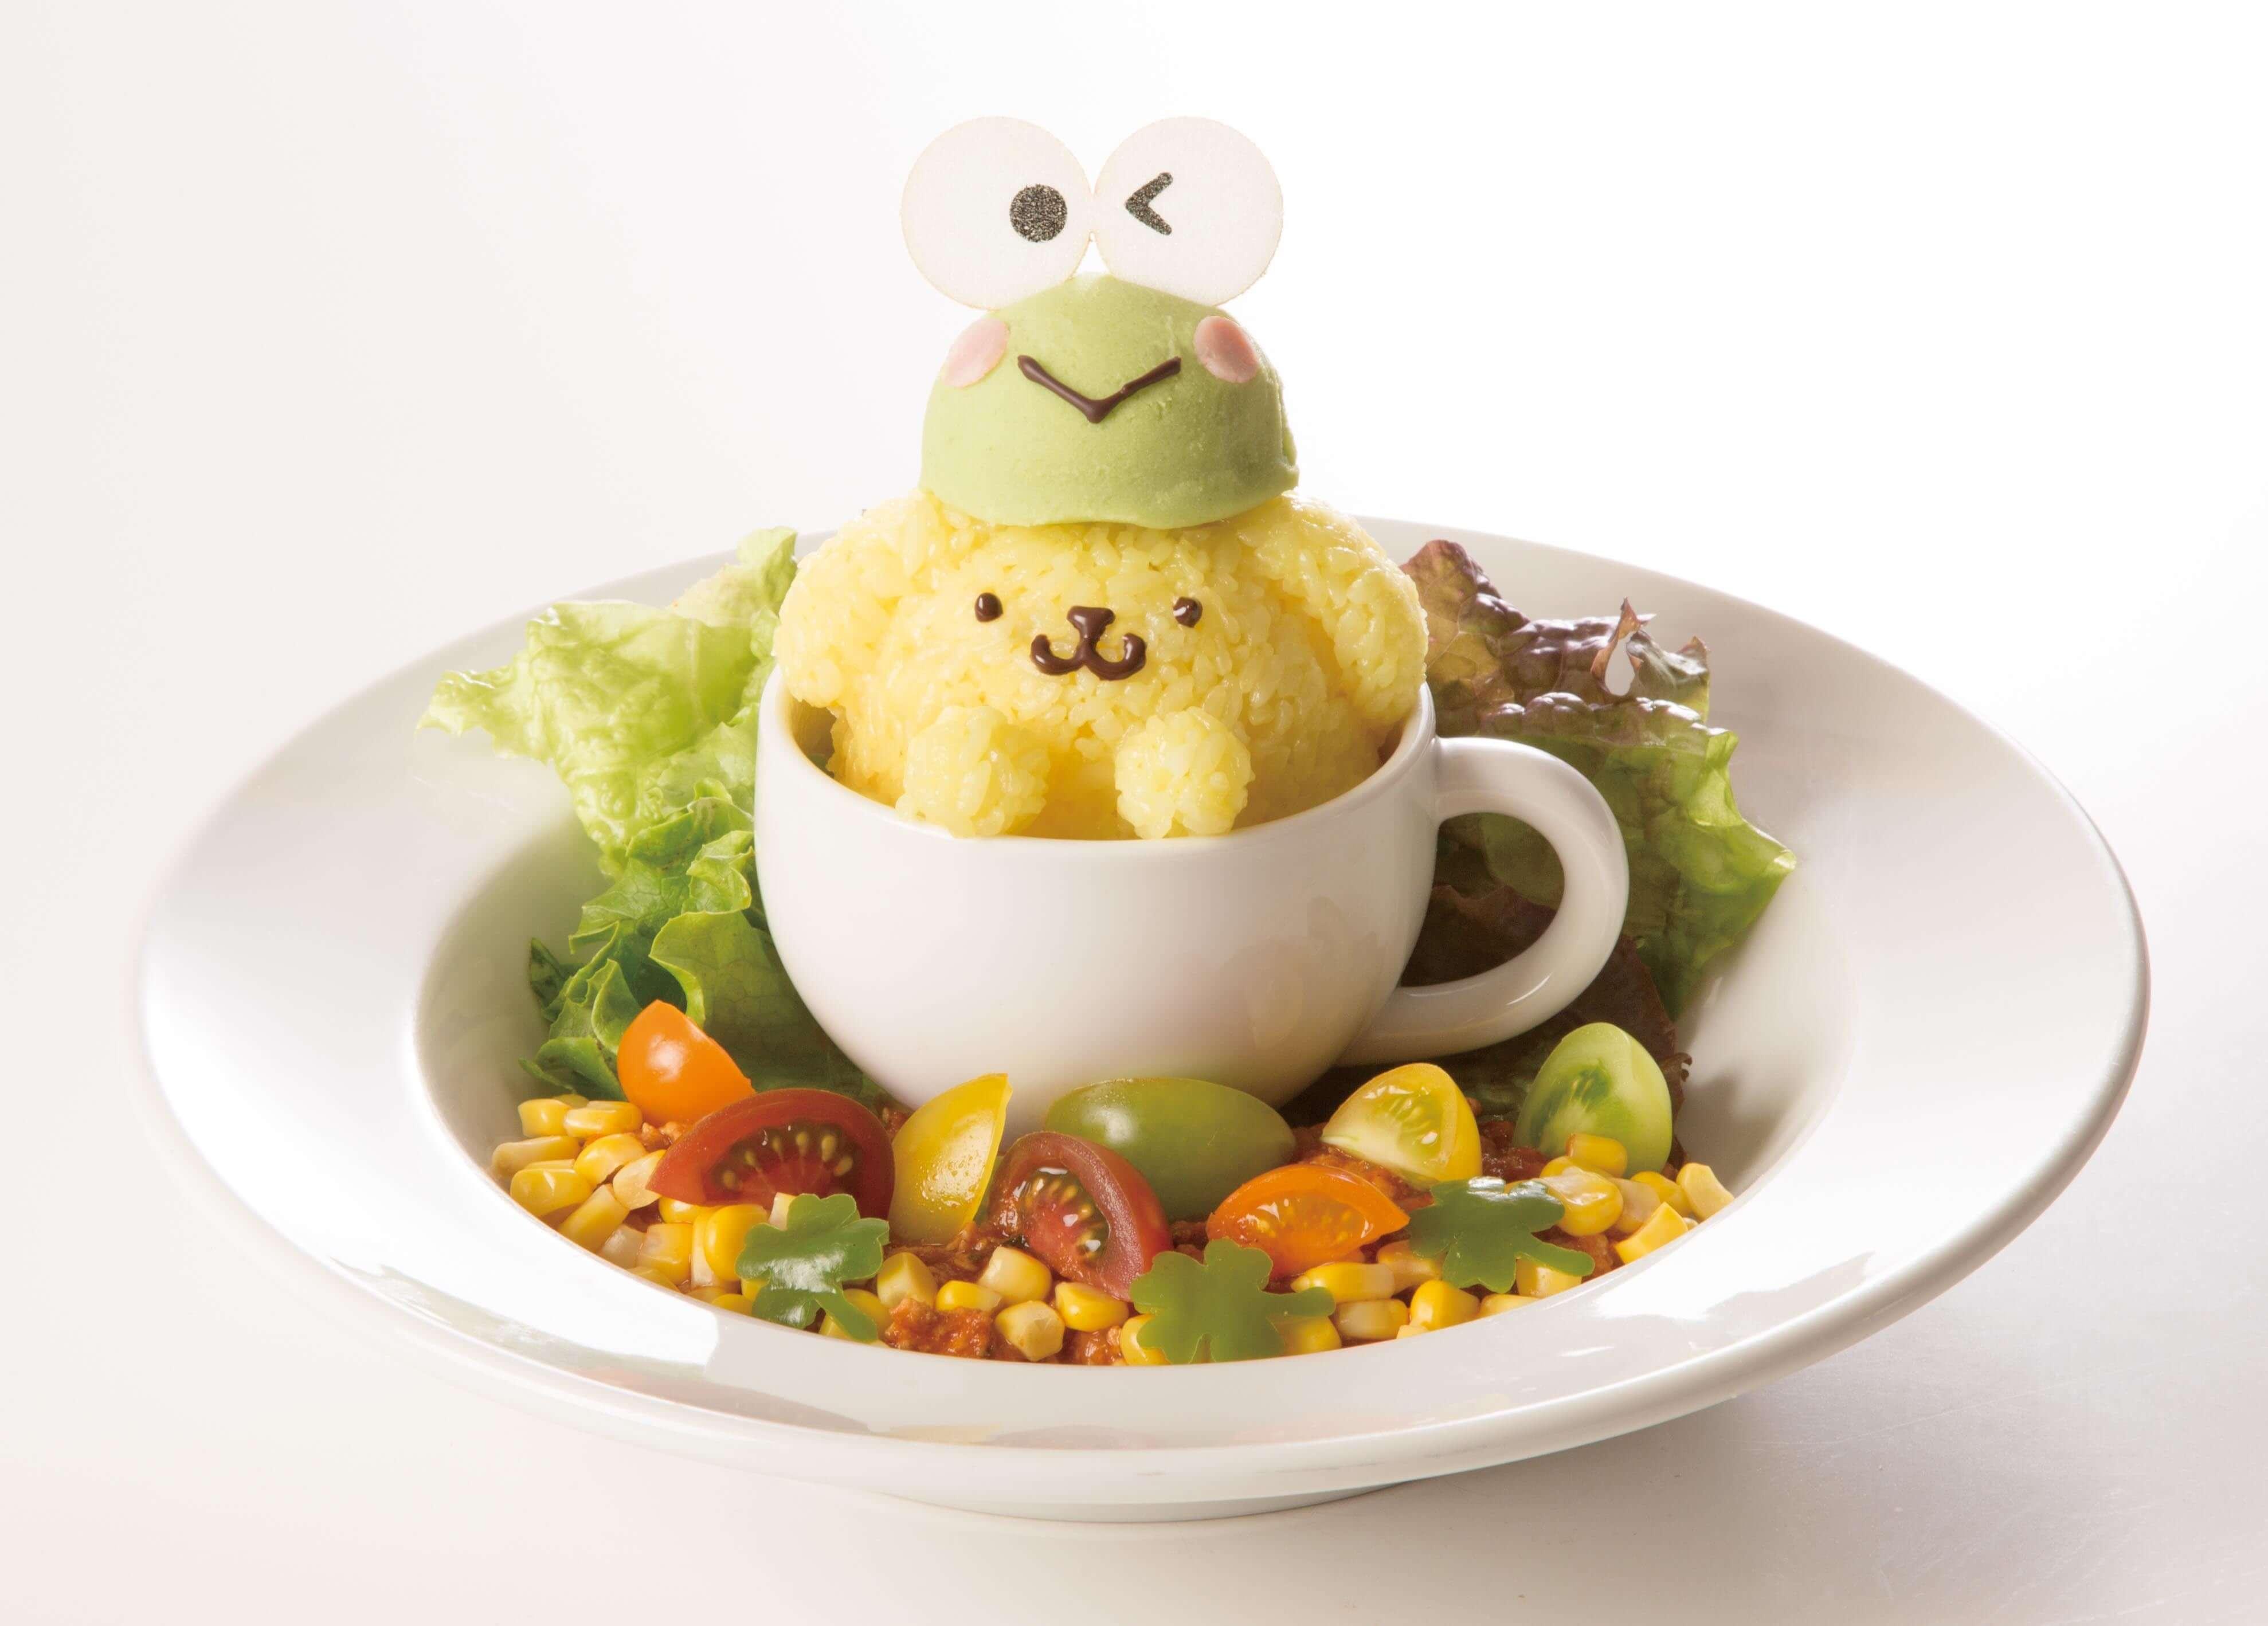 可愛消暑的布丁狗×大眼蛙合作菜單再推第2彈!4款夏季菜單發售 大眼蛙、布丁狗、